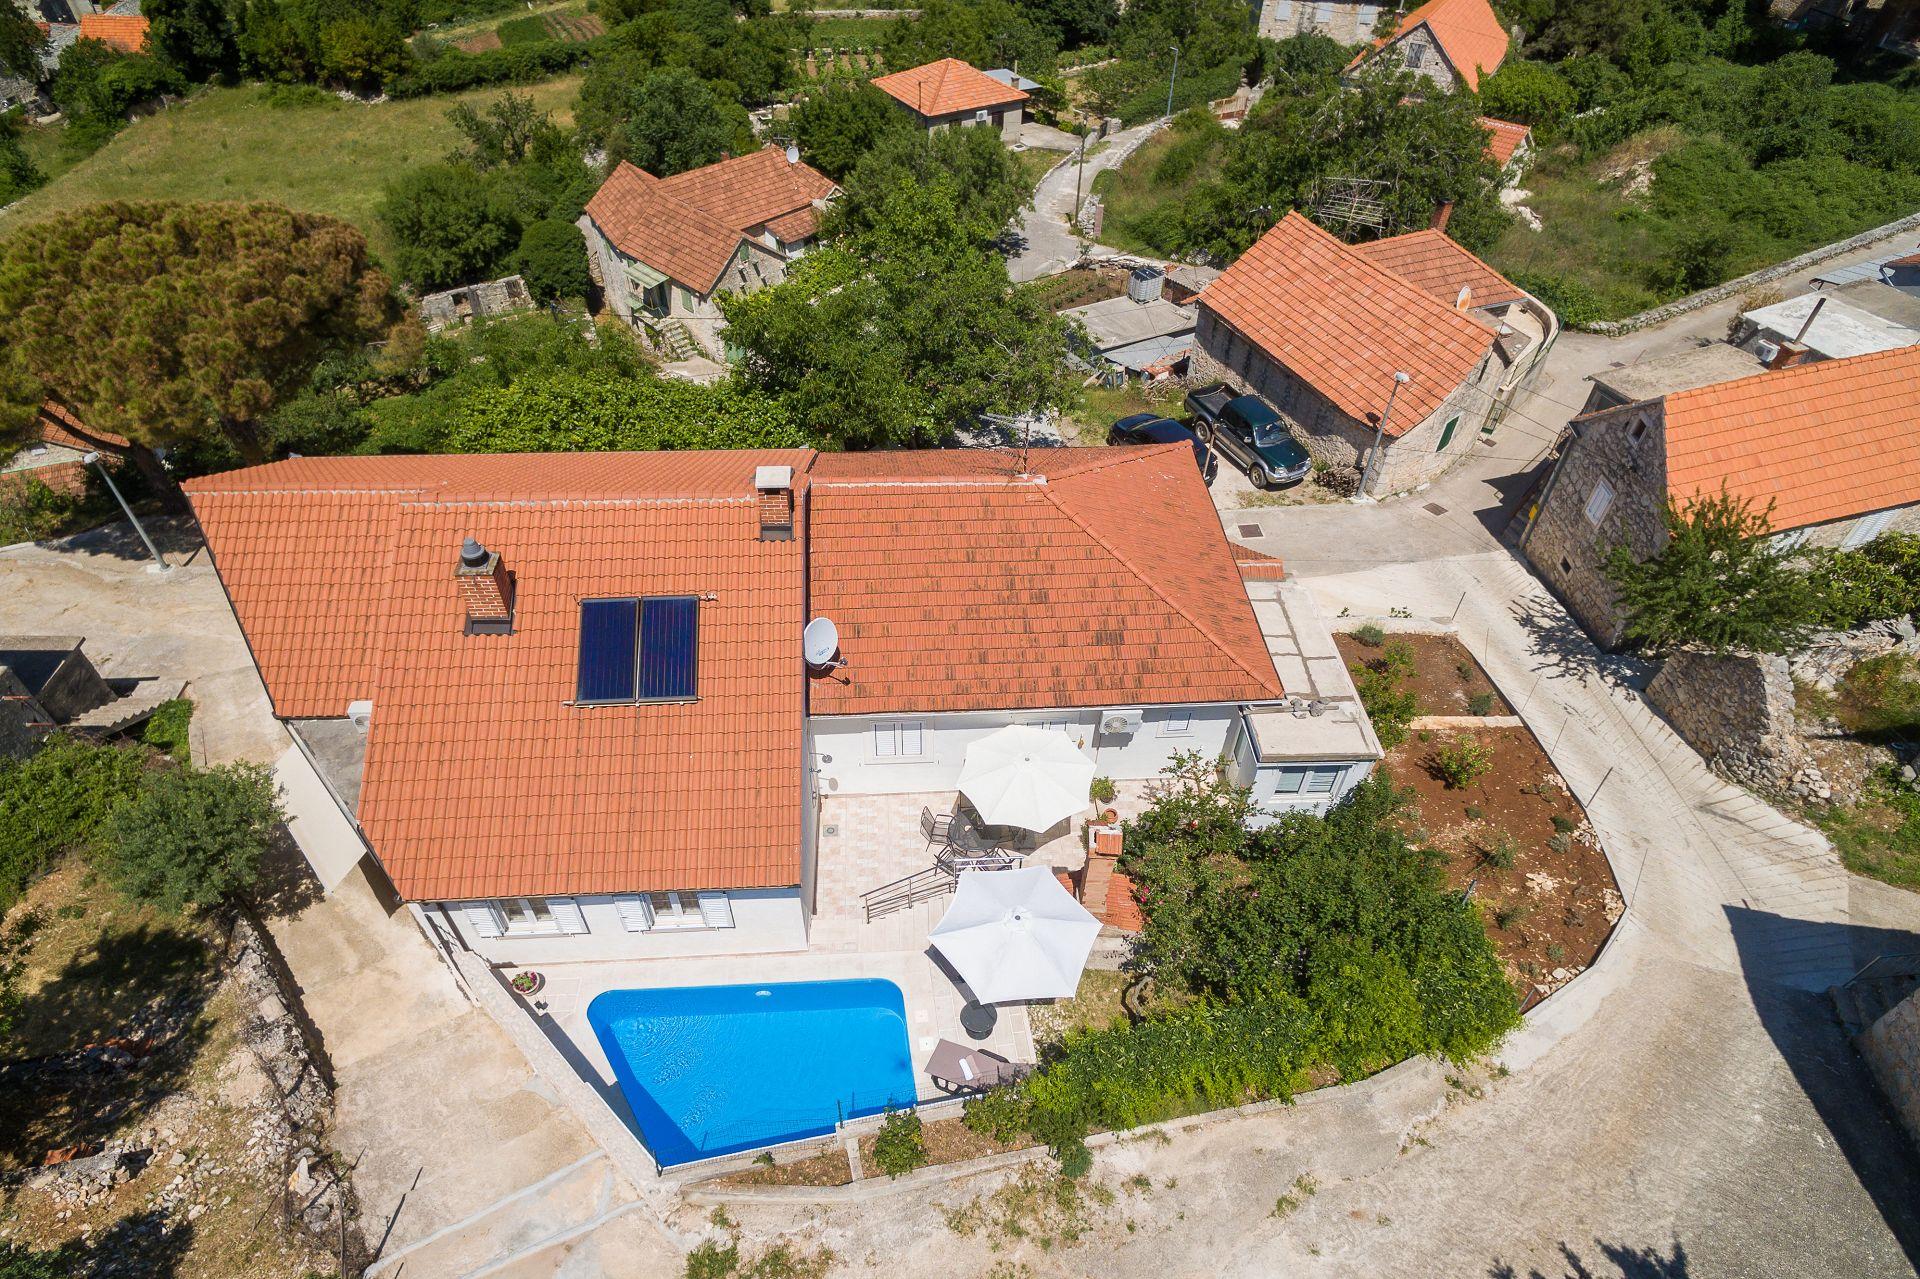 Maison de vacances Andre H(6+2) - Nerezisca (1533099), Nerezisca, Île de Brac, Dalmatie, Croatie, image 3